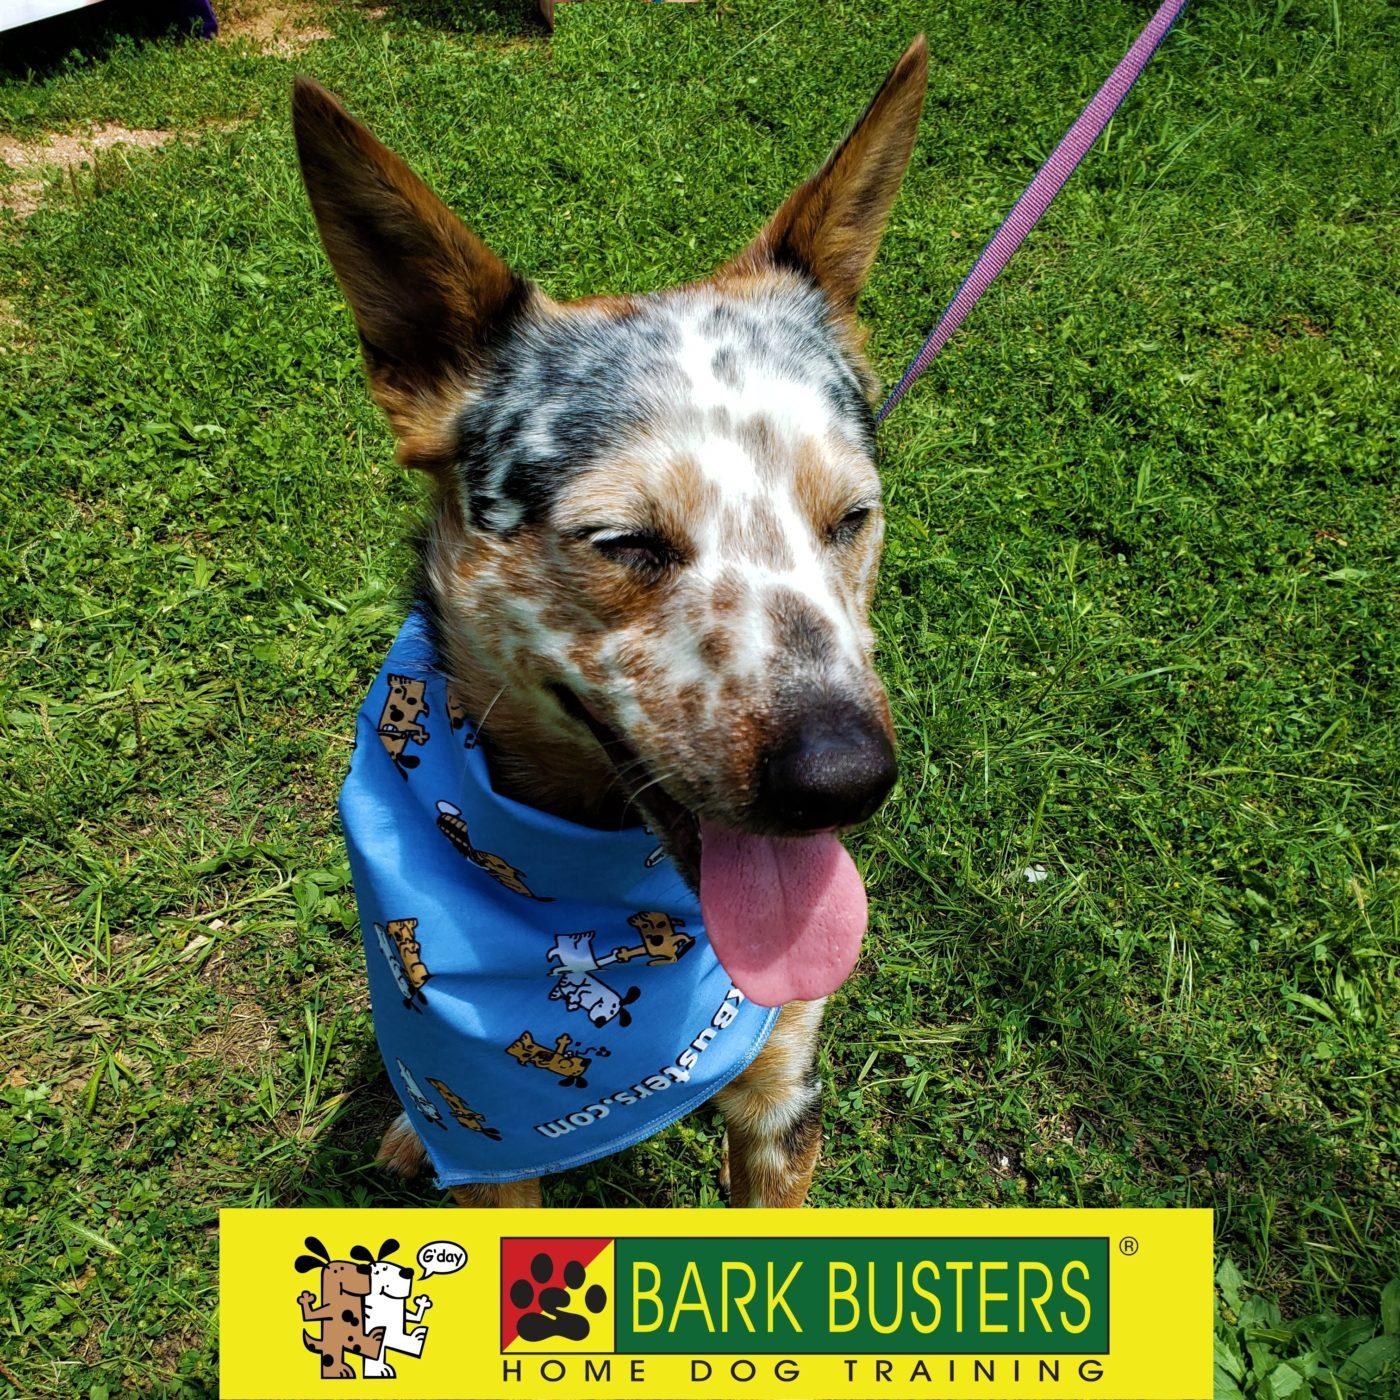 #woofstock2019 #cattledog #dogfashion #dogsofbarkbusters #speakingdog #dogtrainingpflugerville